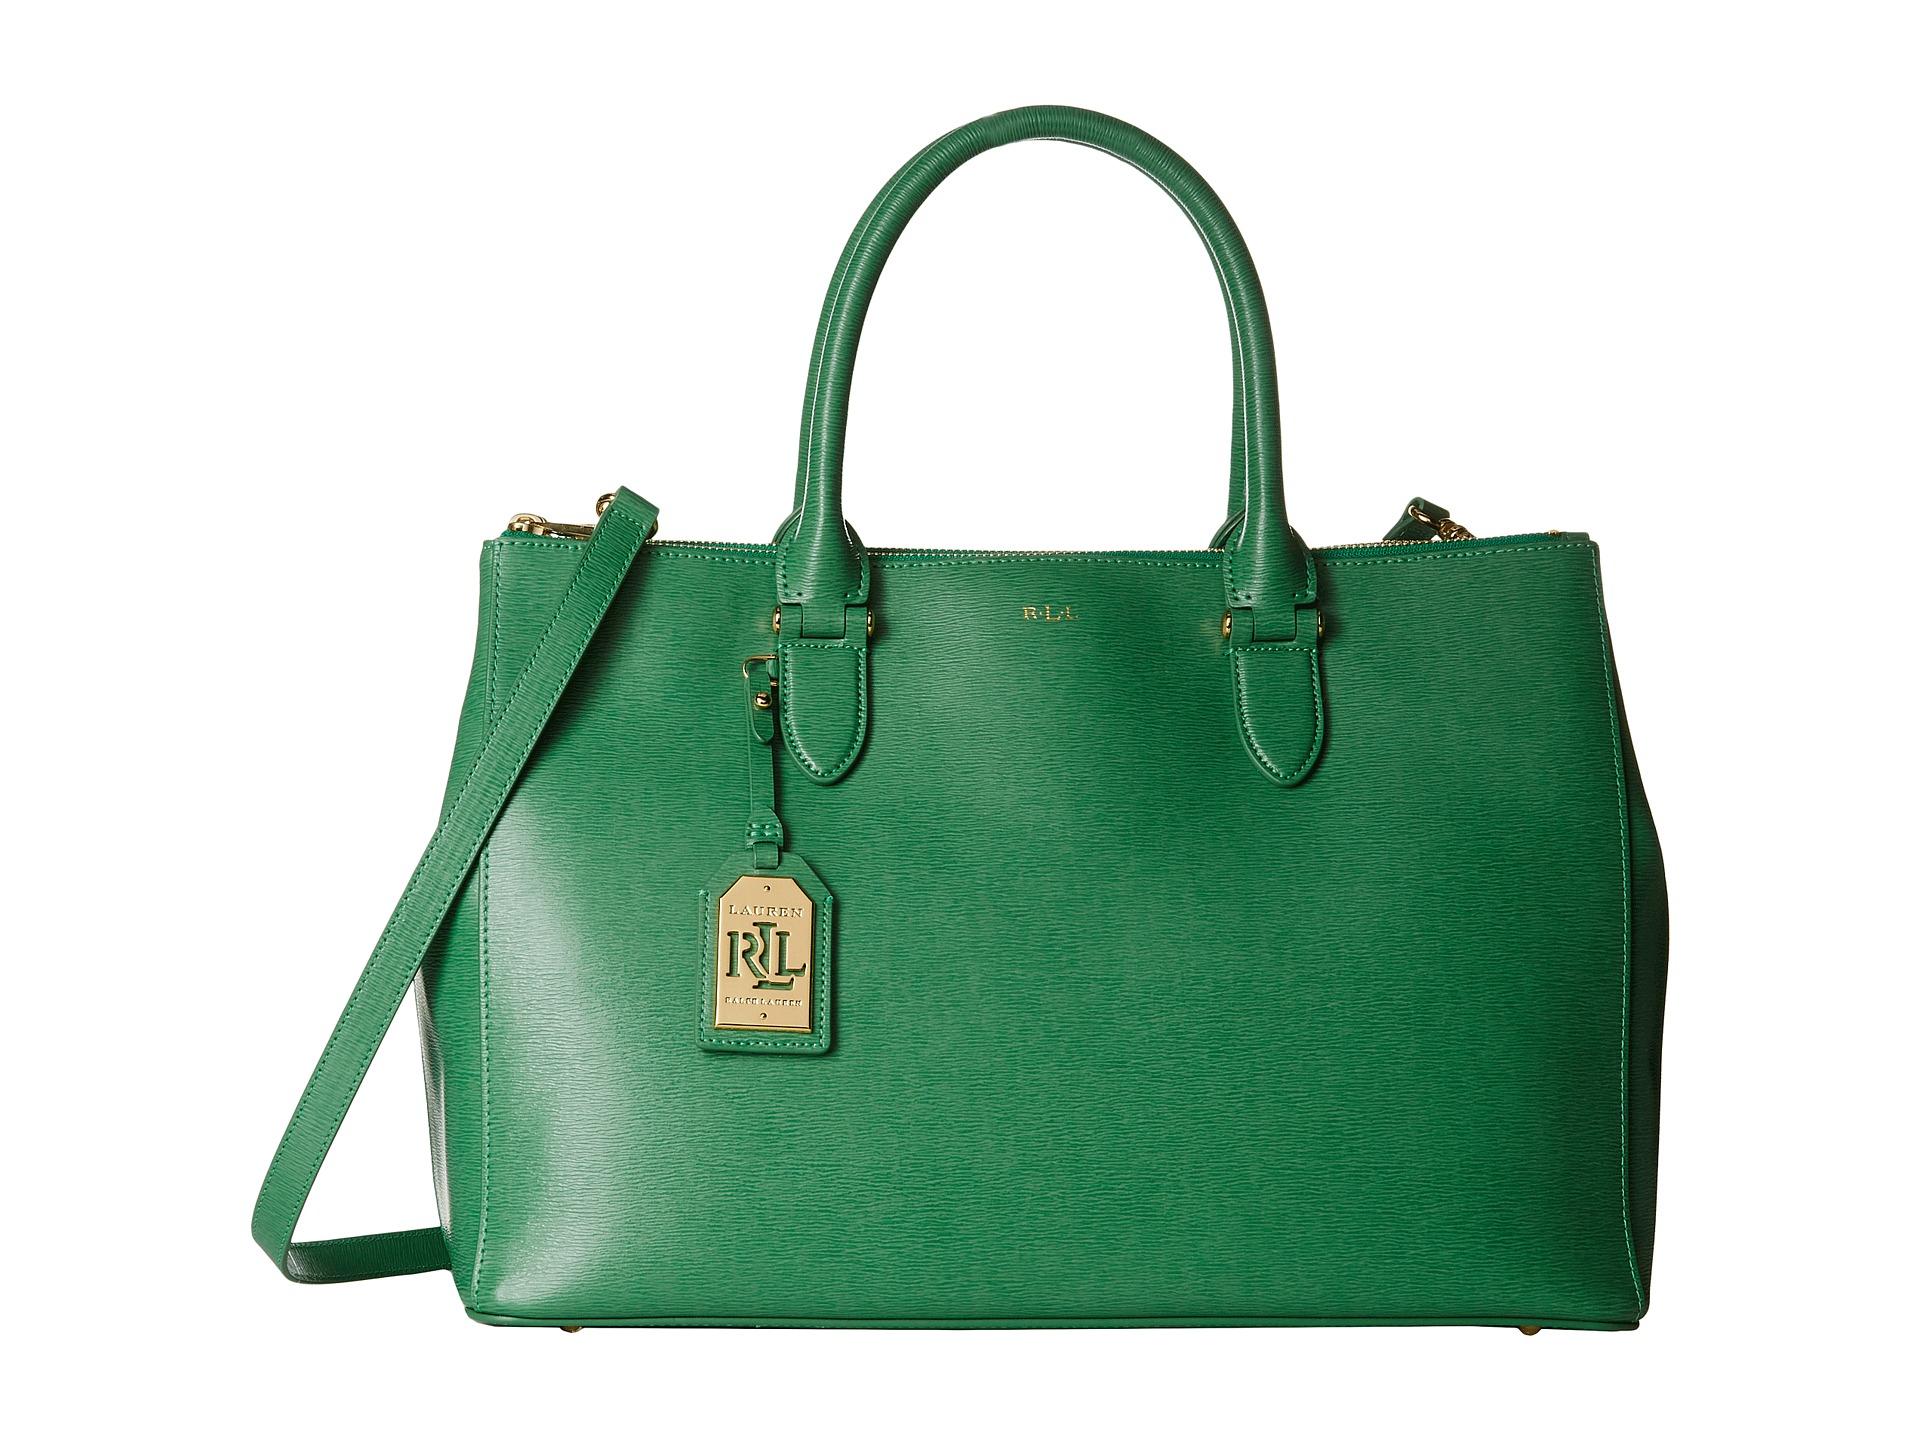 ab80f0d86d1 Lyst - Lauren by Ralph Lauren Newbury Double Zip Satchel in Green